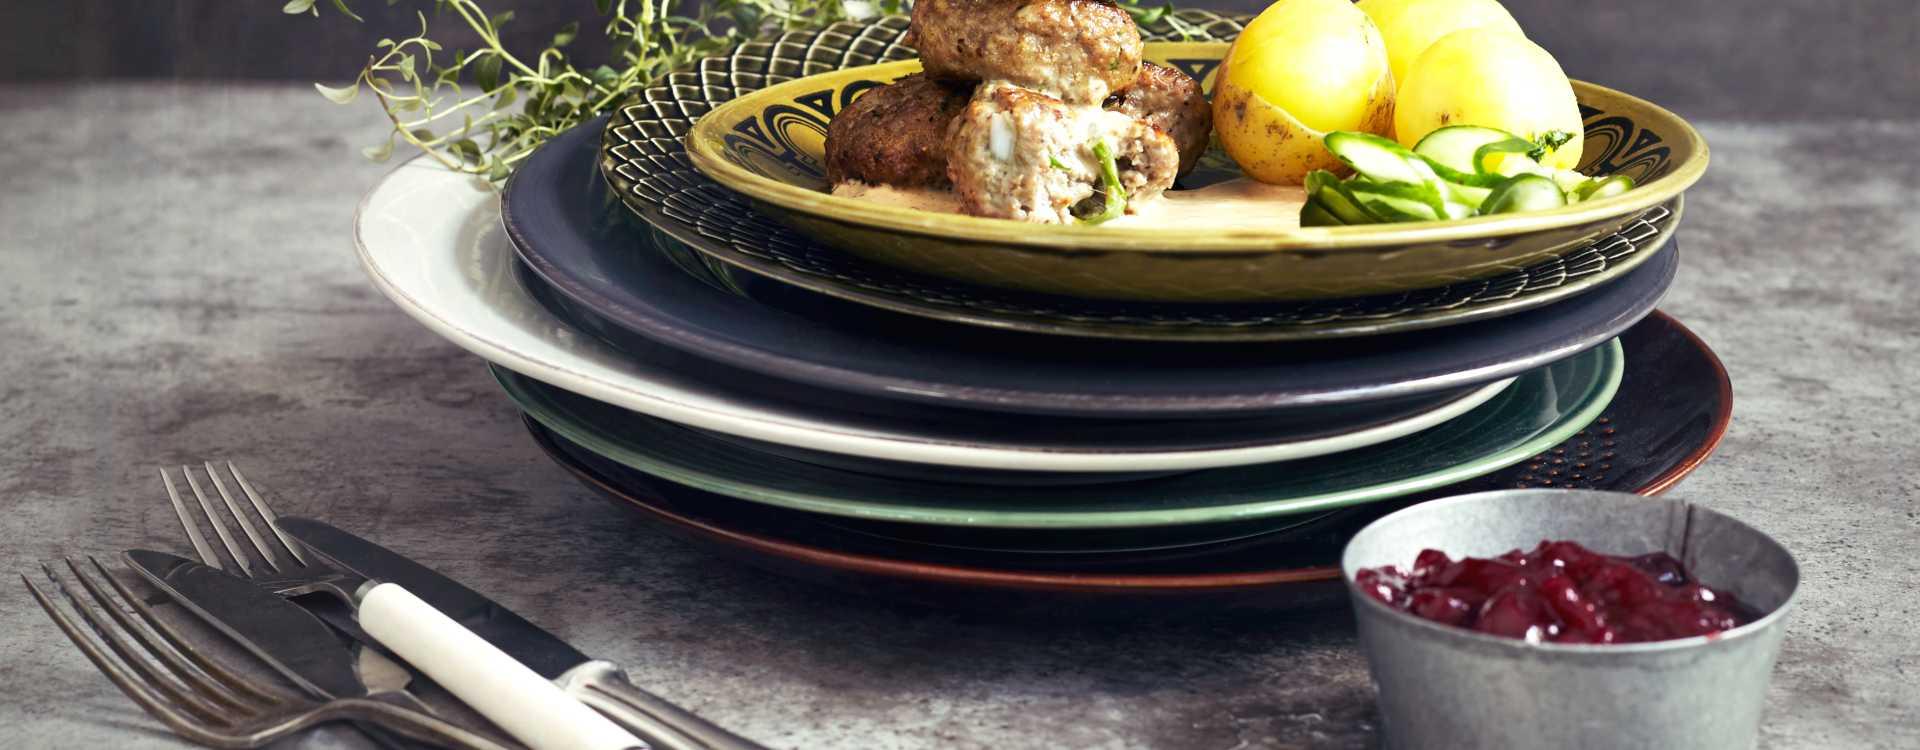 Tinas kjøttboller med fløtesaus og persilleagurk